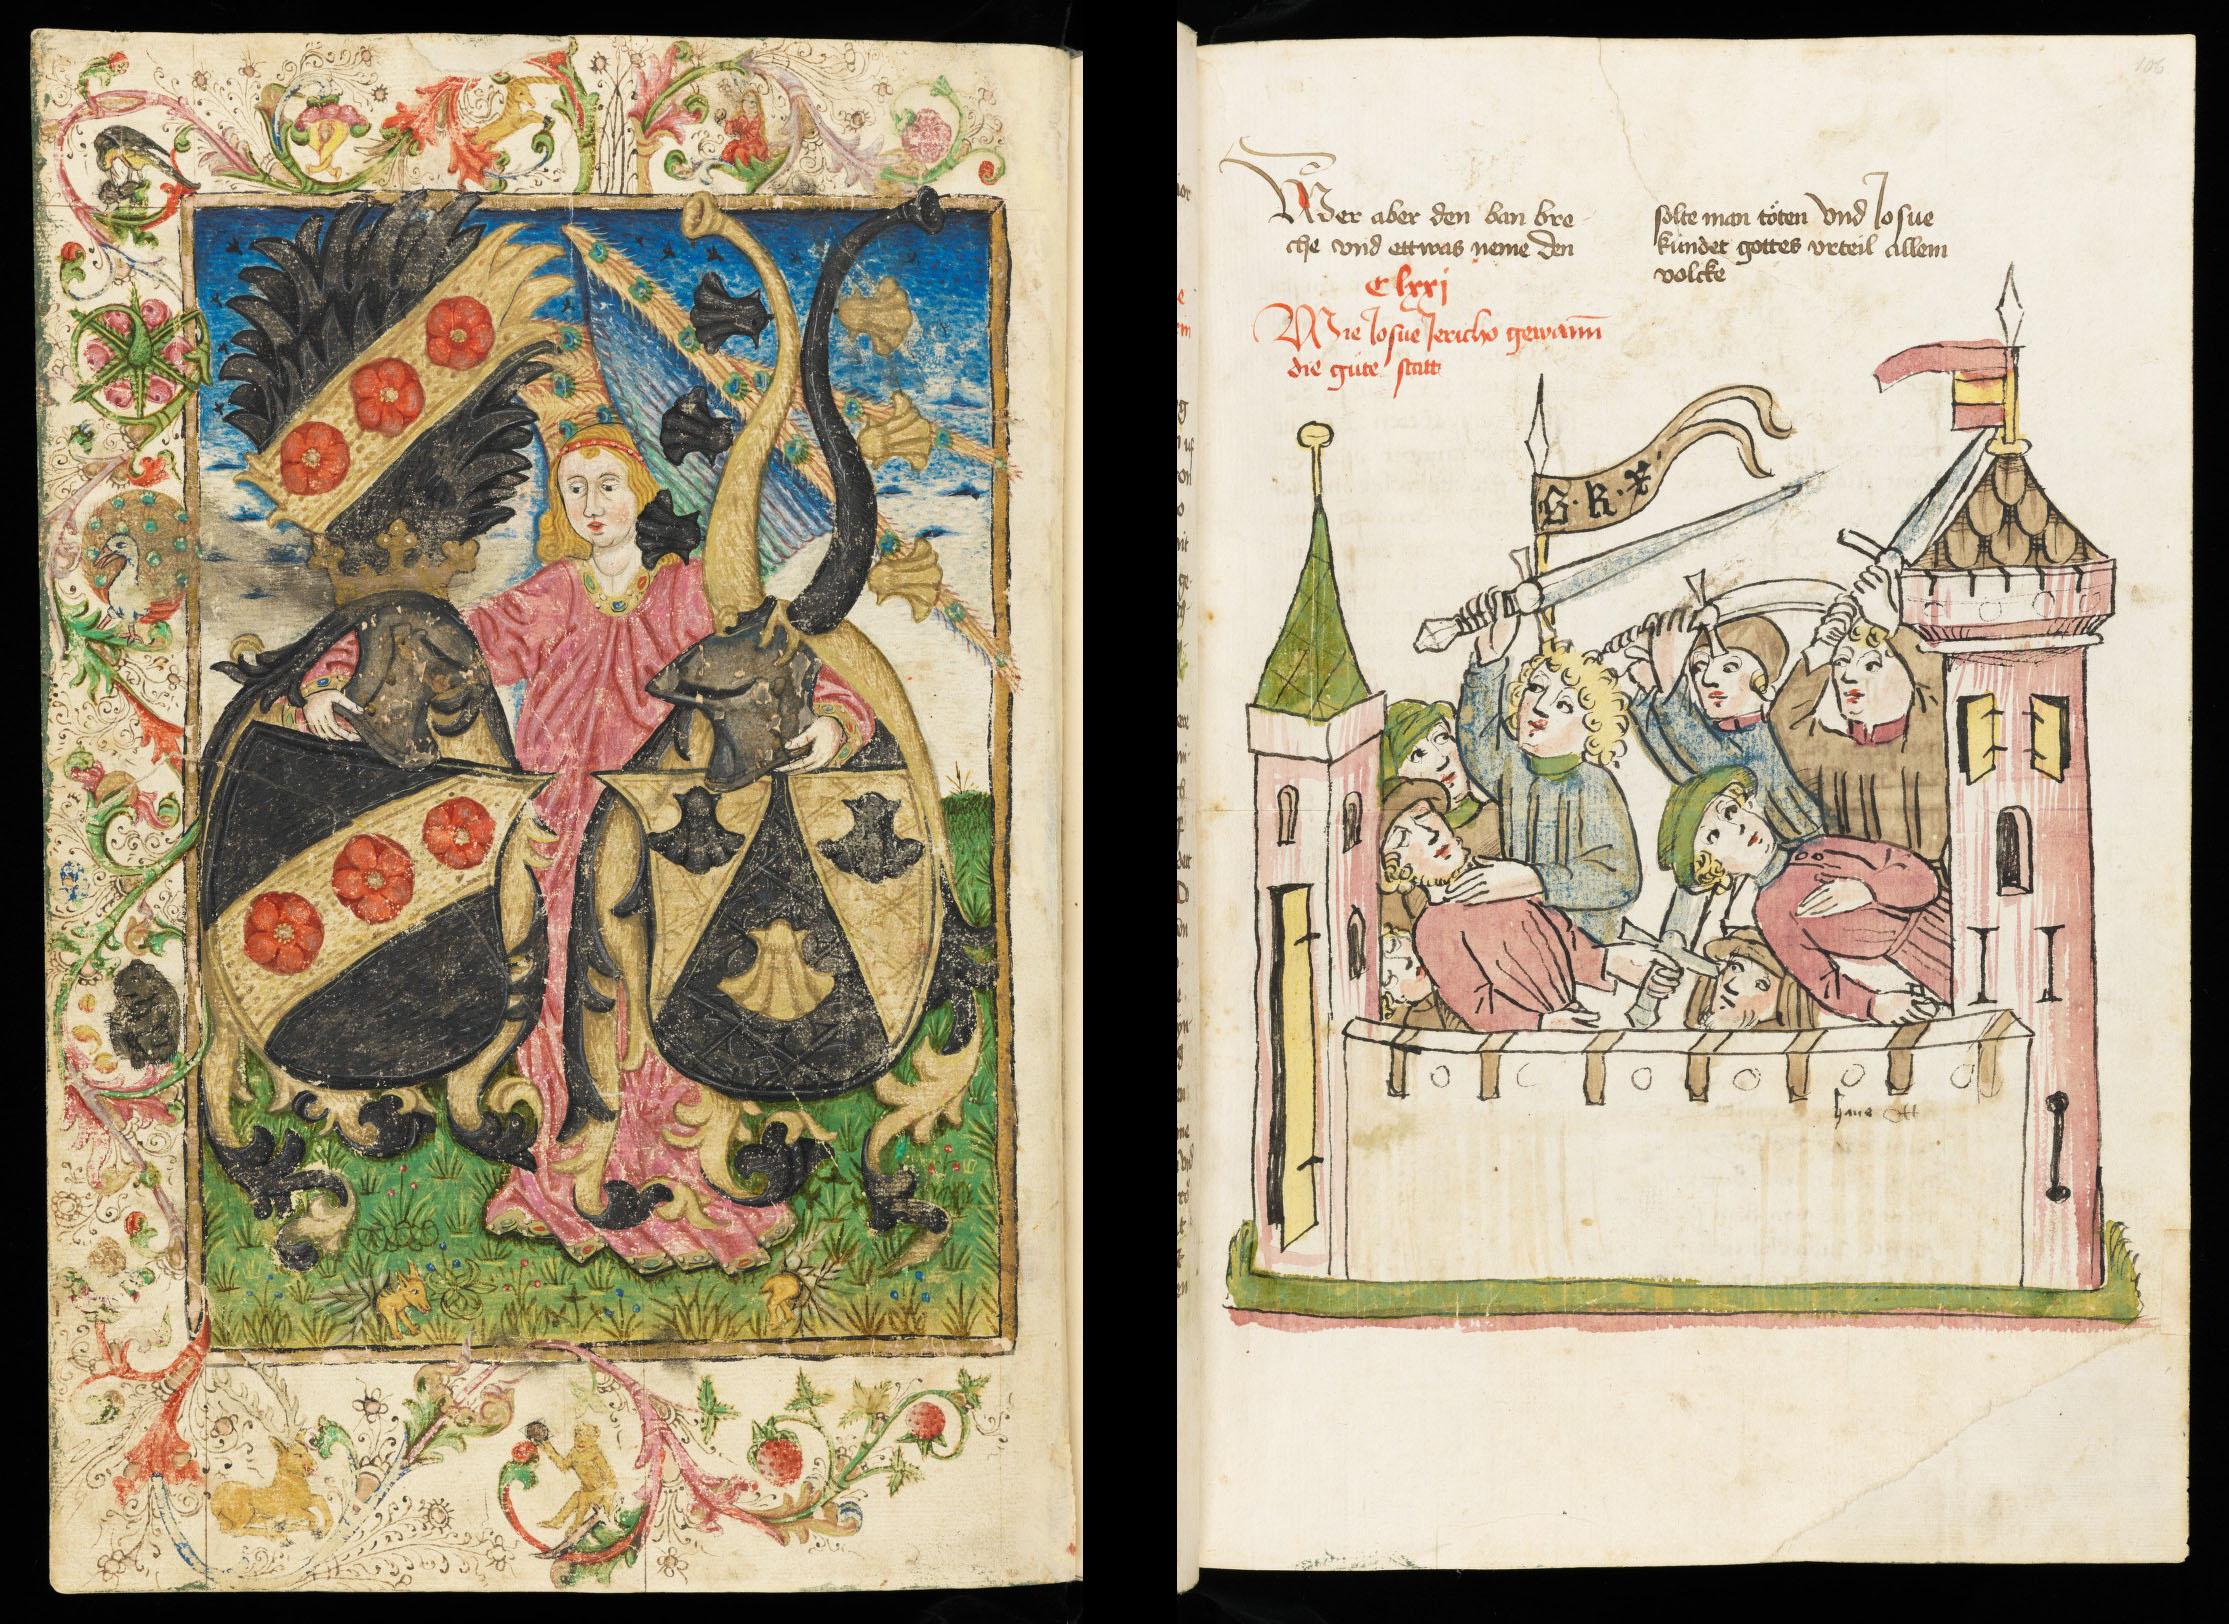 Mit schnellem Strich gemalt – Historienbibel aus der Werkstatt von Diepold Lauber, um 1450